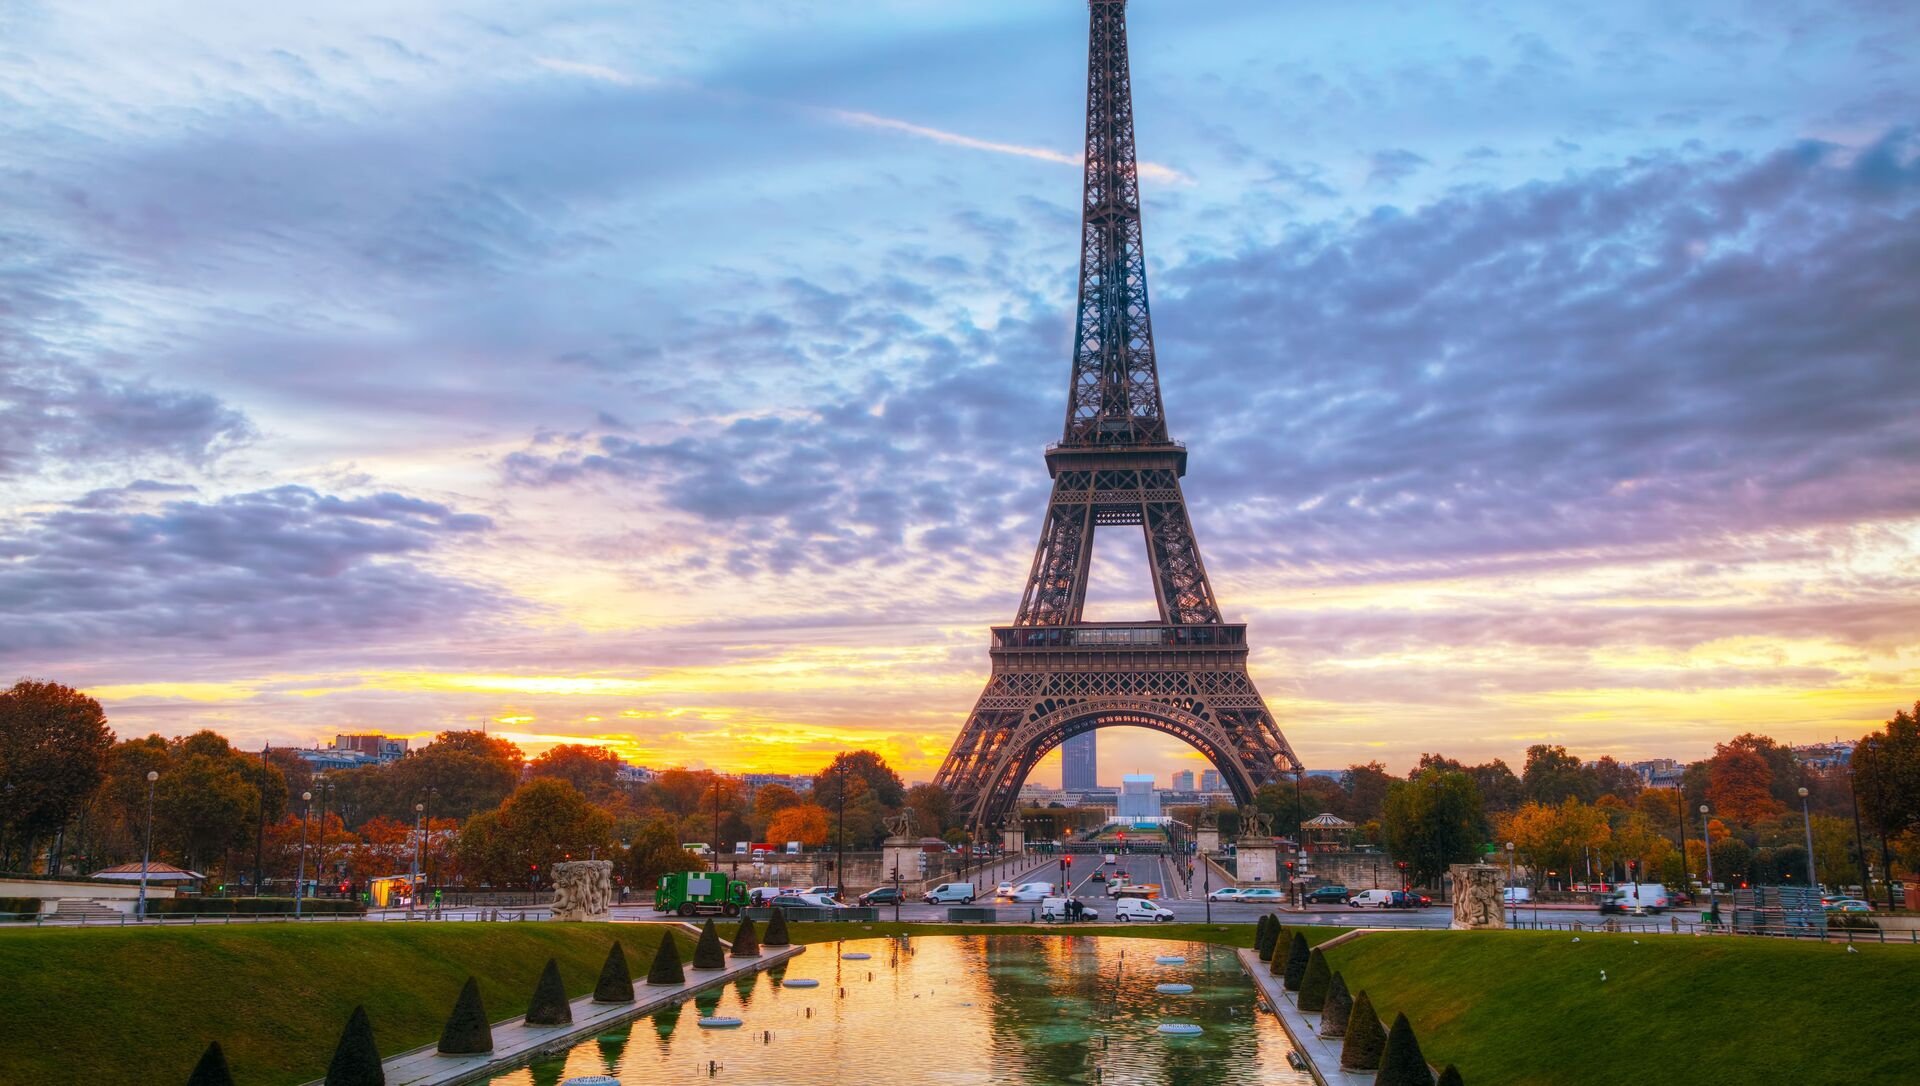 Wieża Eiffla Paryż Francja - Sputnik Polska, 1920, 31.03.2021